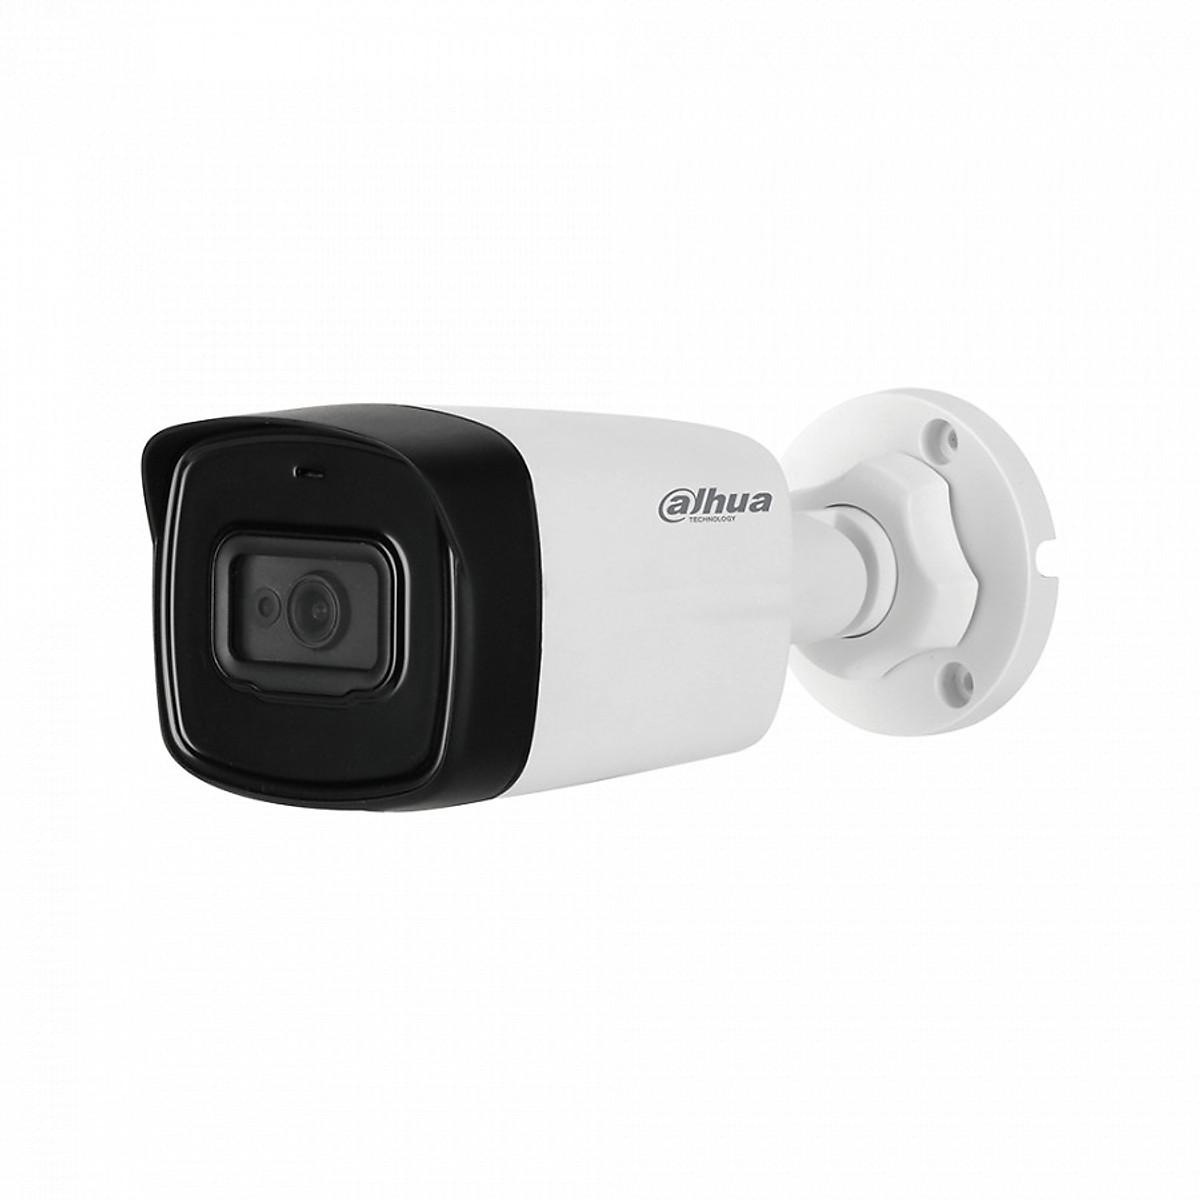 Camera HD-CVI Starlight thân trụ 2.0 Mega Pixel hồng ngoại 60m ngoài trời Dahua HAC-HFW1230RP-Z-IRE6 – Hàng nhập khẩu